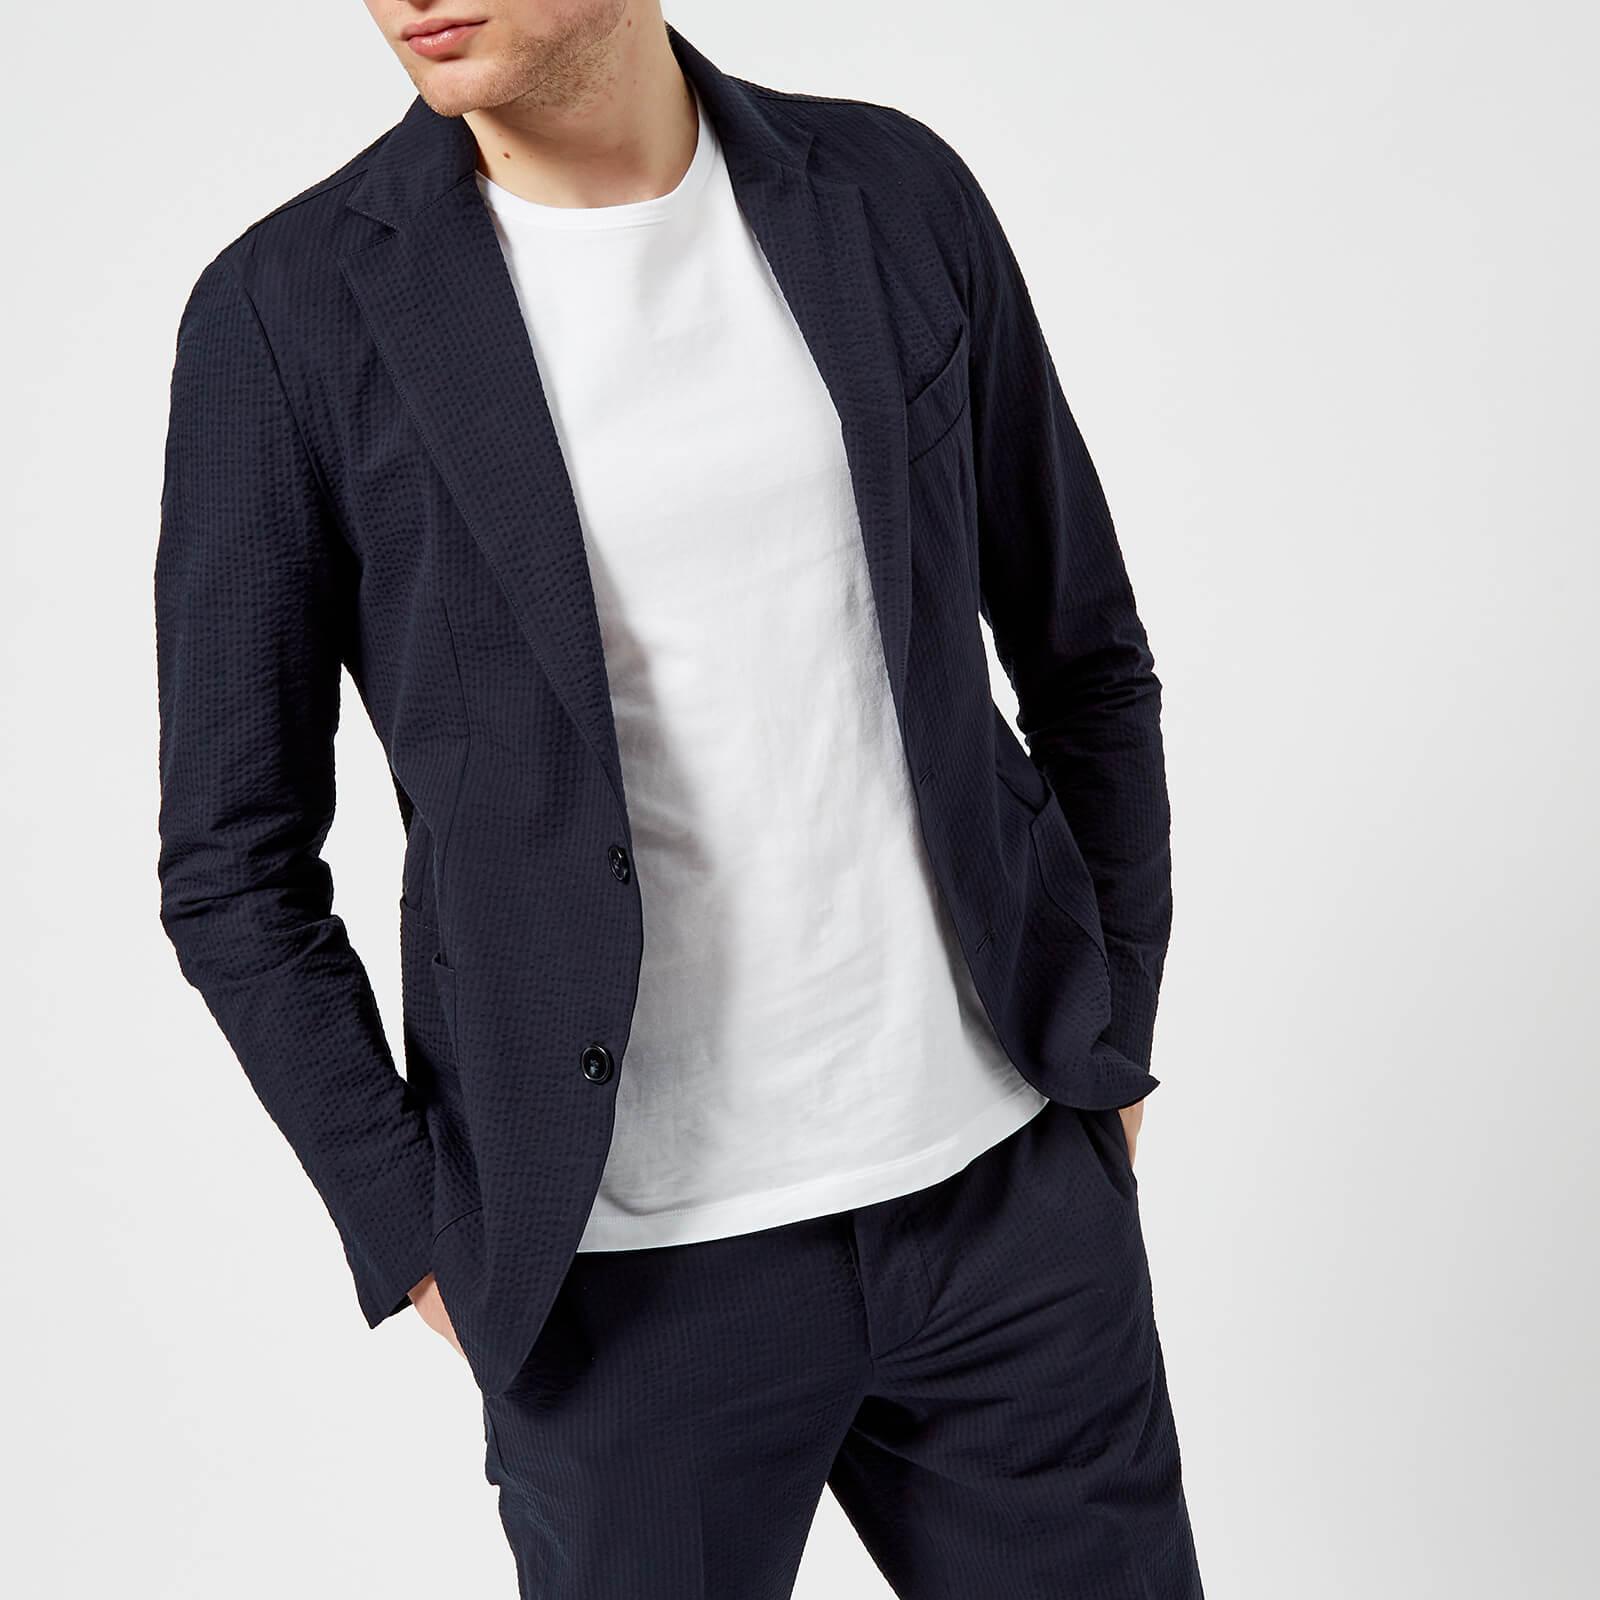 seersucker jacket mens uk